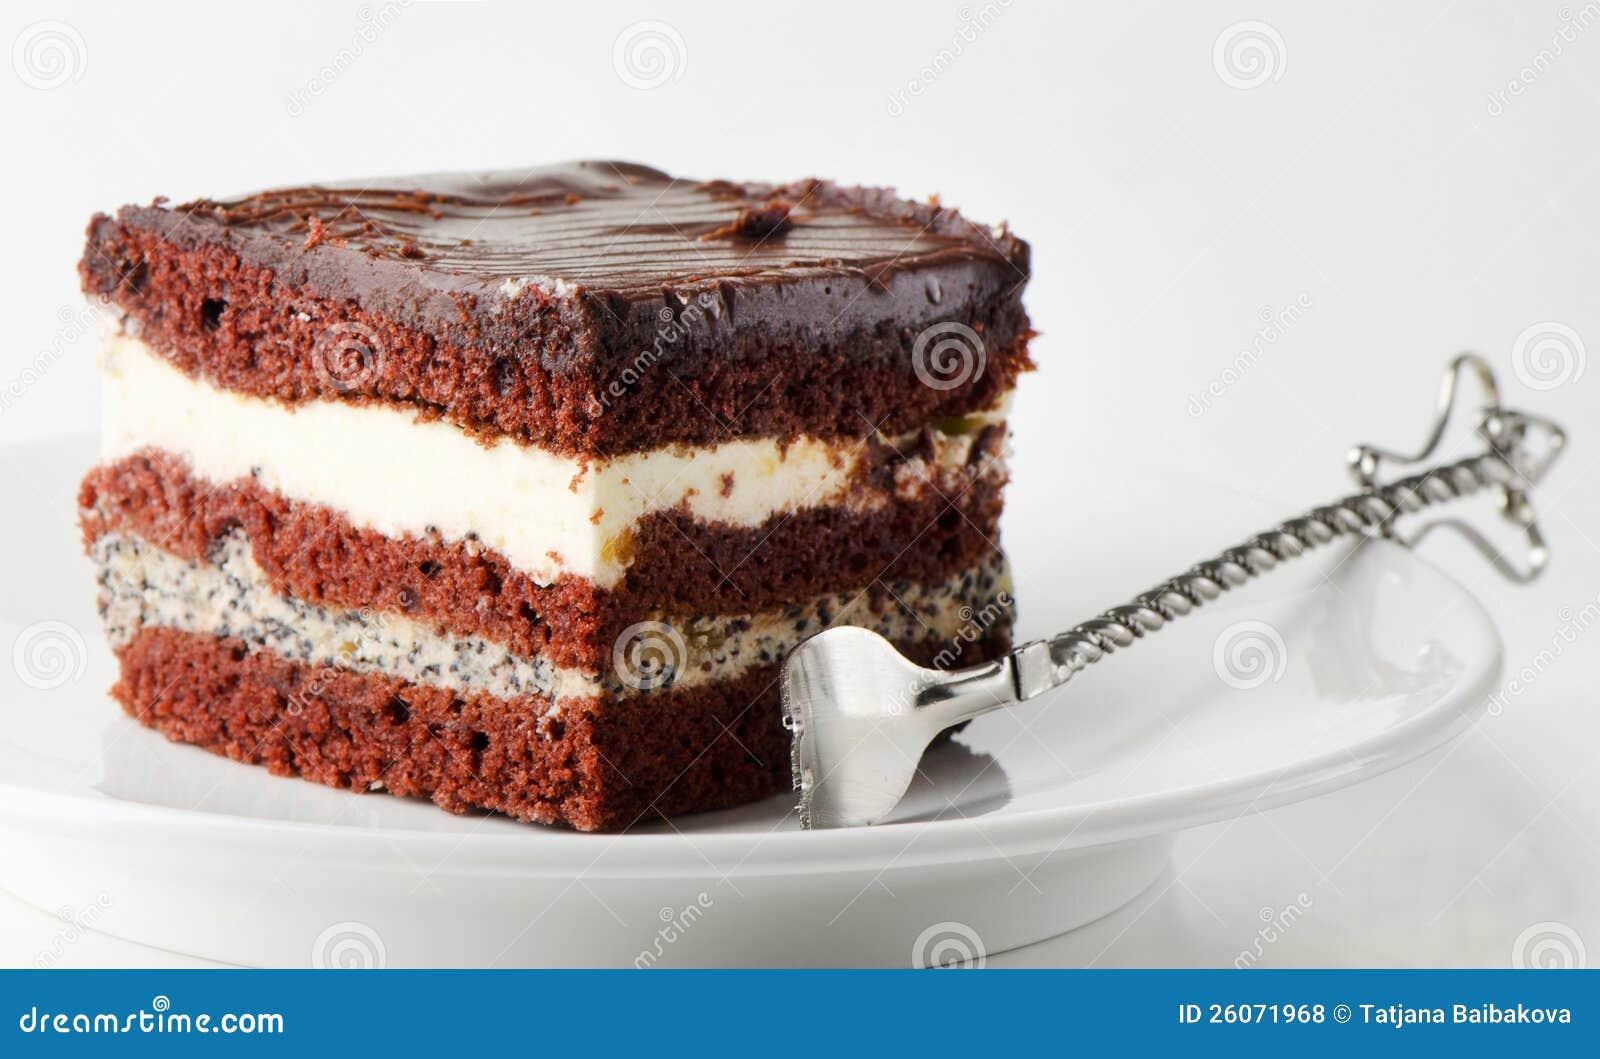 Dark Chocolate Cake Royalty Free Stock Photos - Image: 26071968